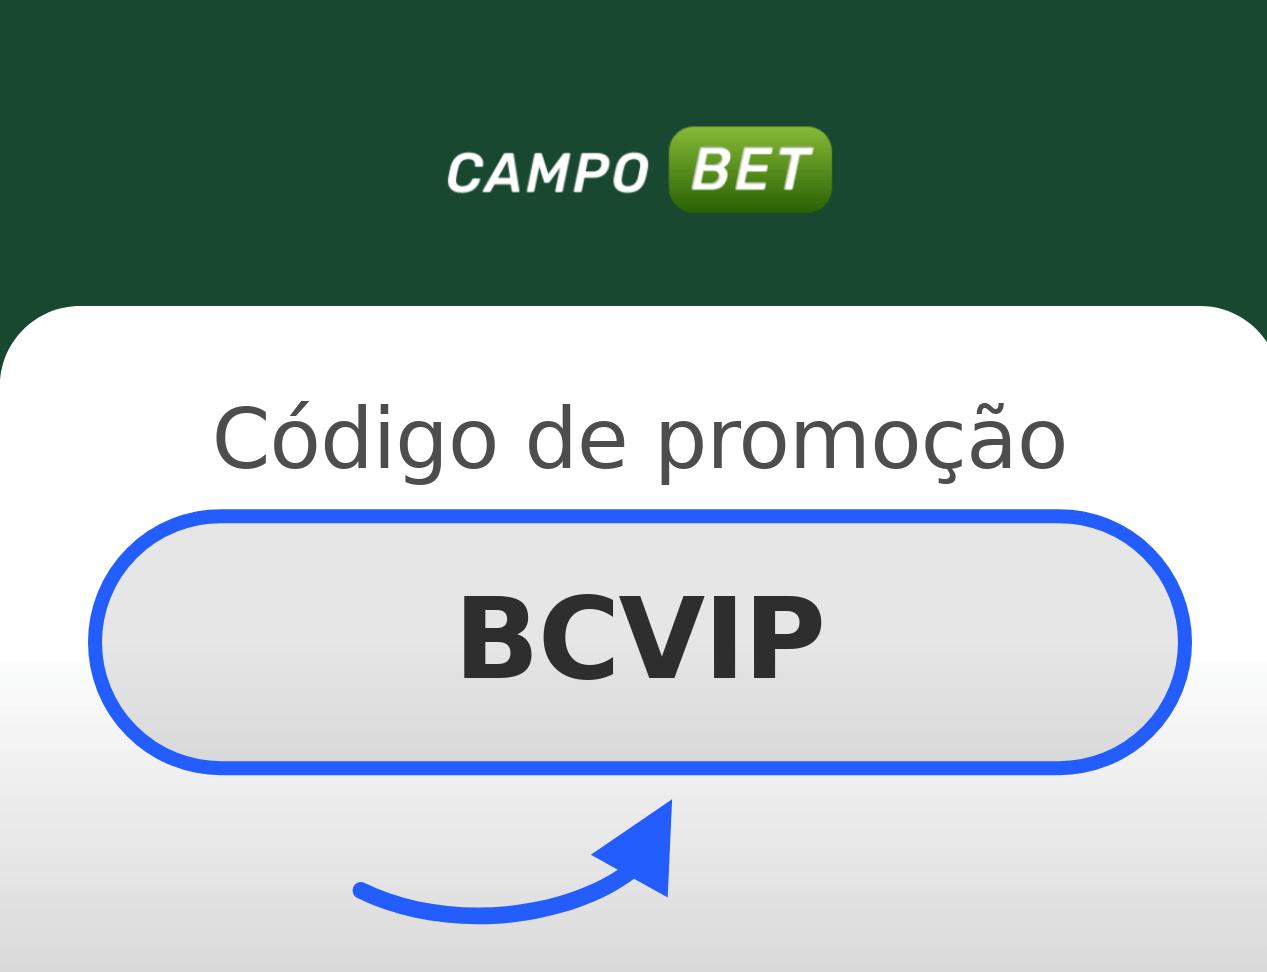 CampoBet Código de Promoção